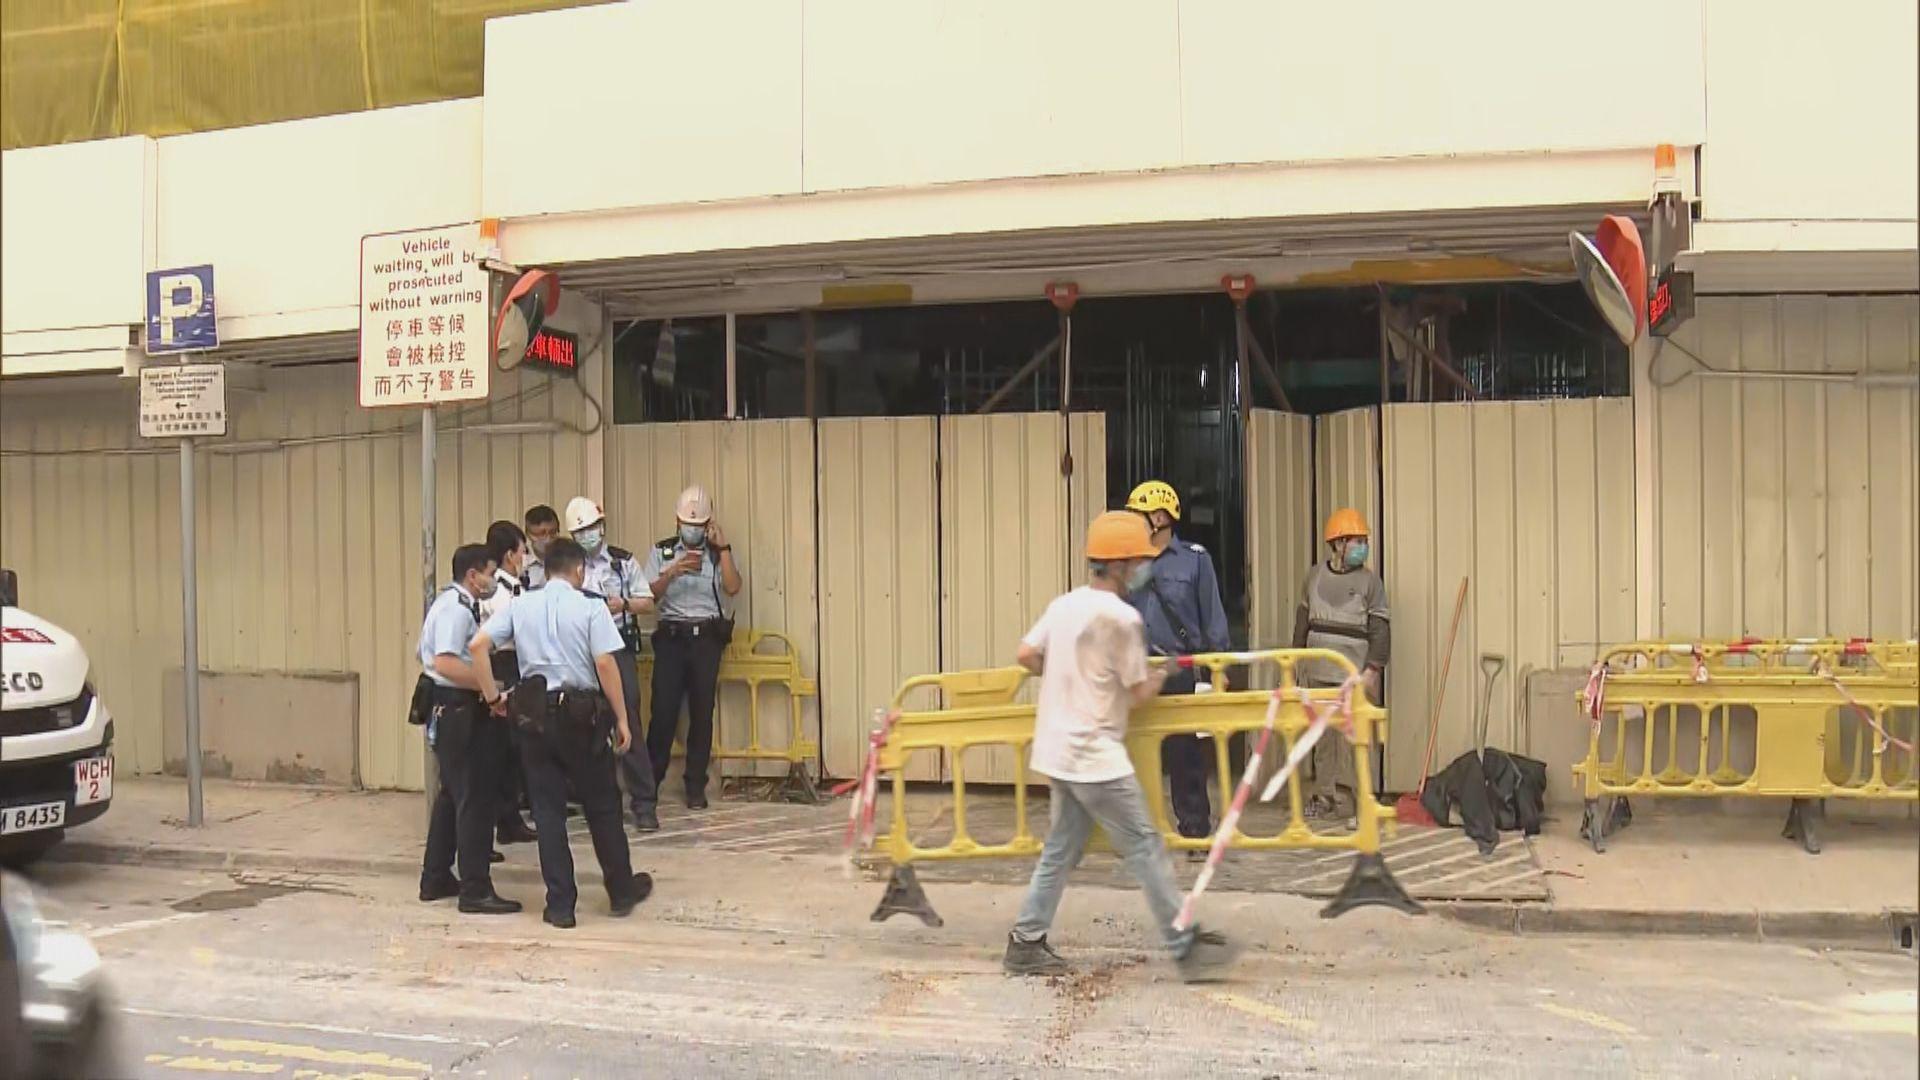 銅鑼灣地盤工人被支架擊中受傷昏迷送院